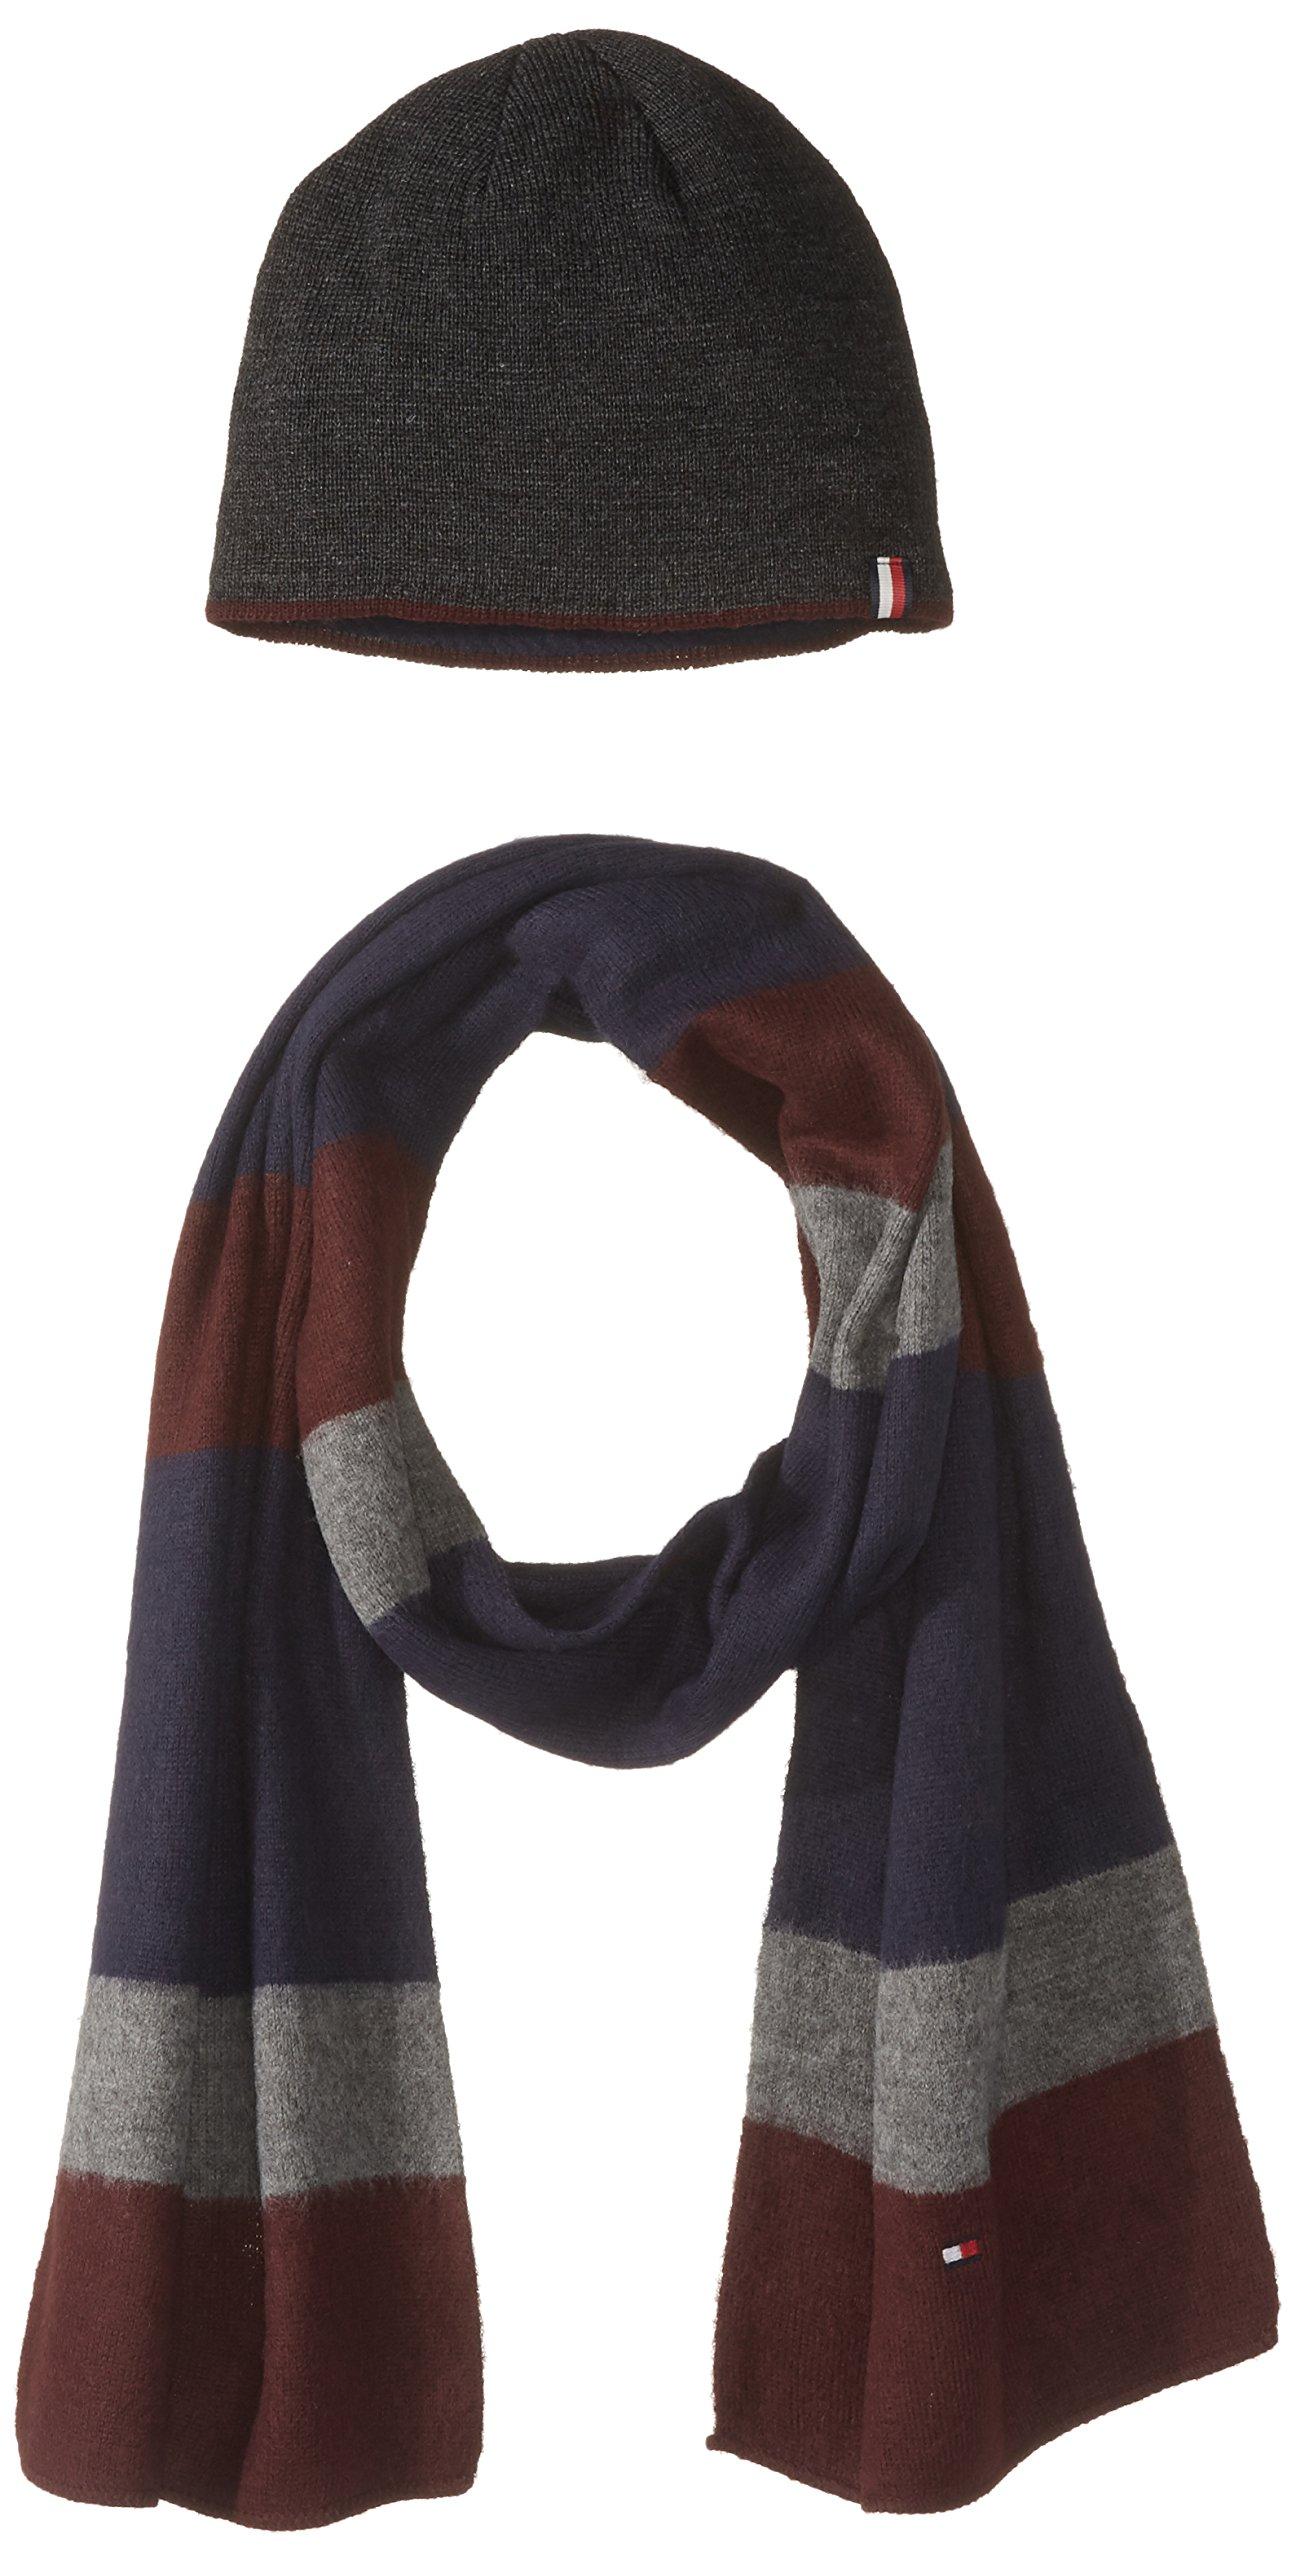 Tommy Hilfiger Men's Hat and Scarf Set, Burgundy, OS